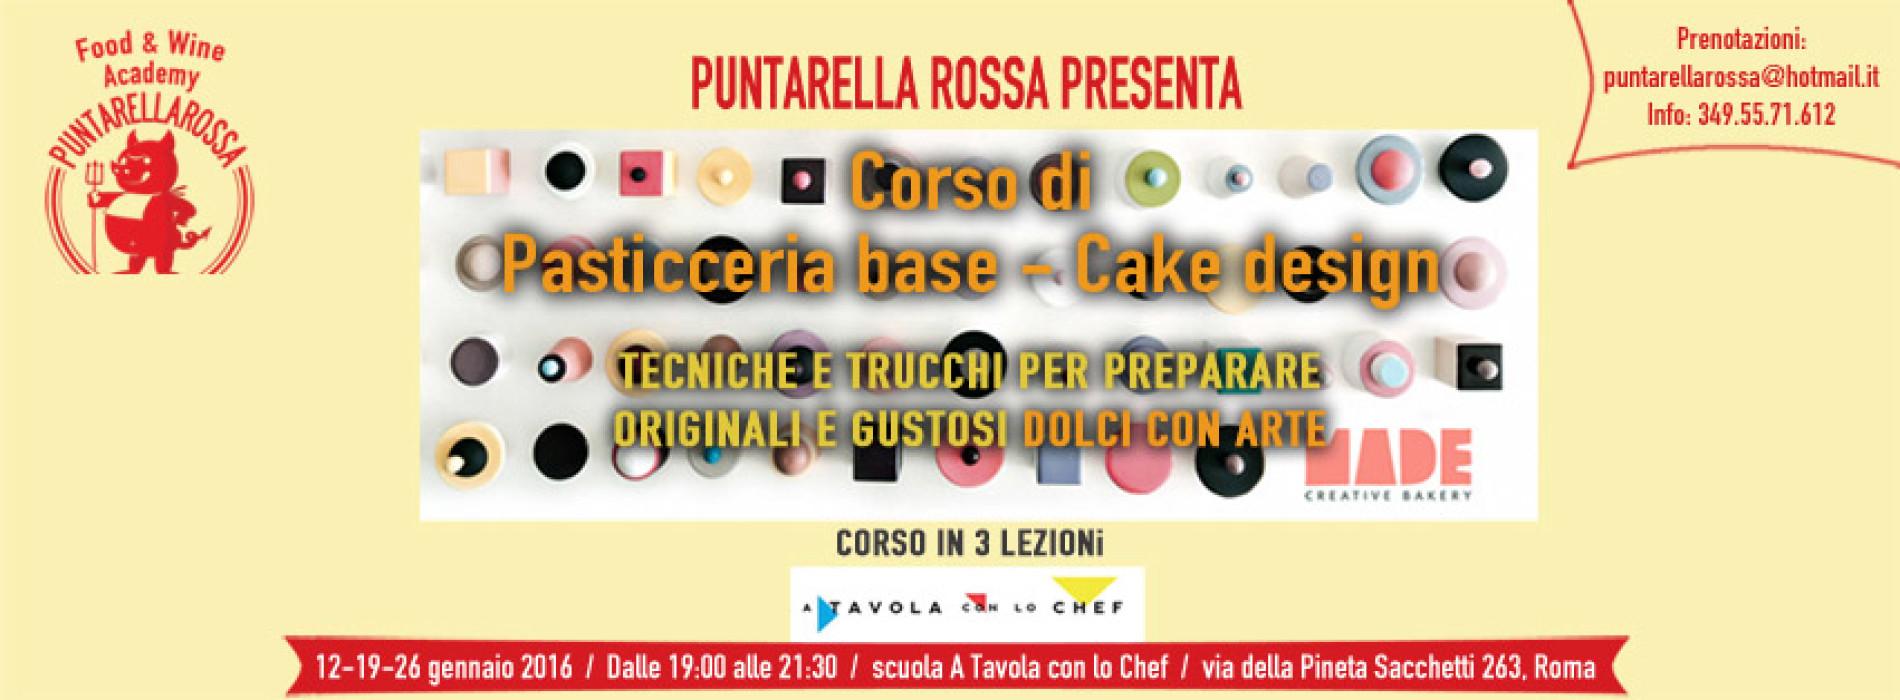 Corso Di Cake Design Roma : Corso di pasticceria base Cake design Roma, 3 lezioni per ...